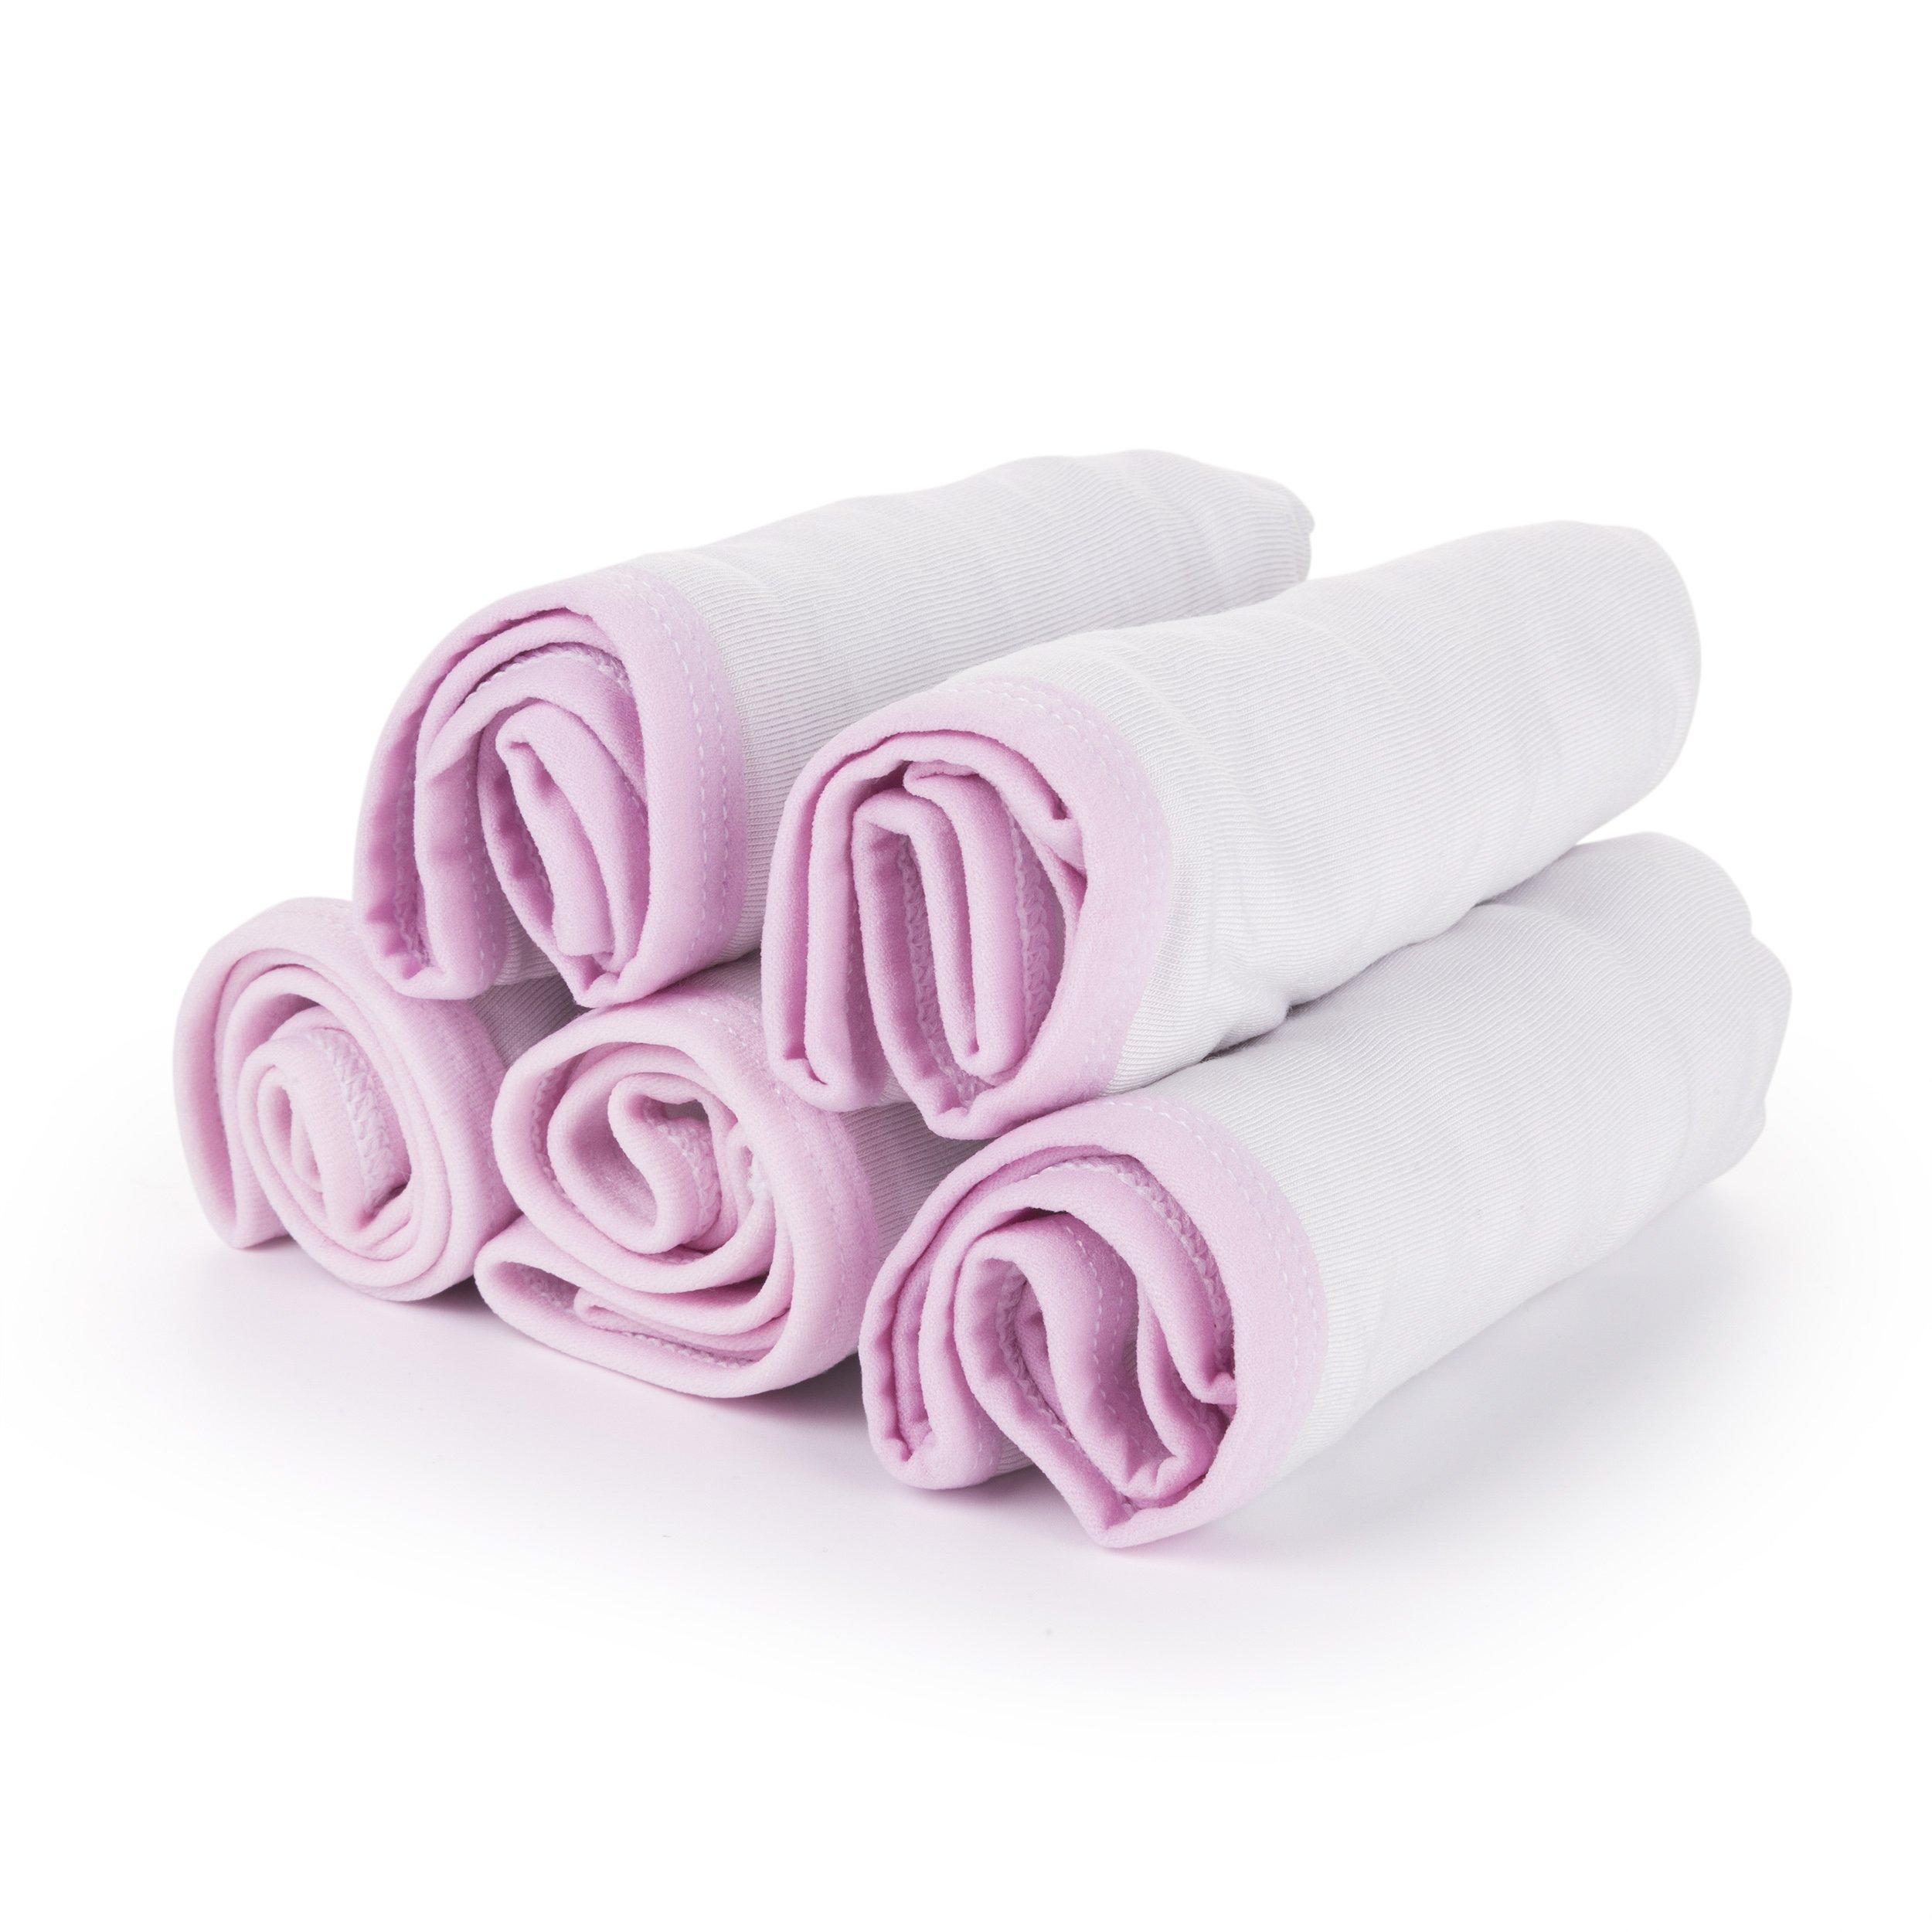 ChikaMika Women's Disposable Underwear 100% Cotton Underwear - for Travel- Hospital Stays- Spa 5-Pack (Medium 38.5-41.3 inch Hips)